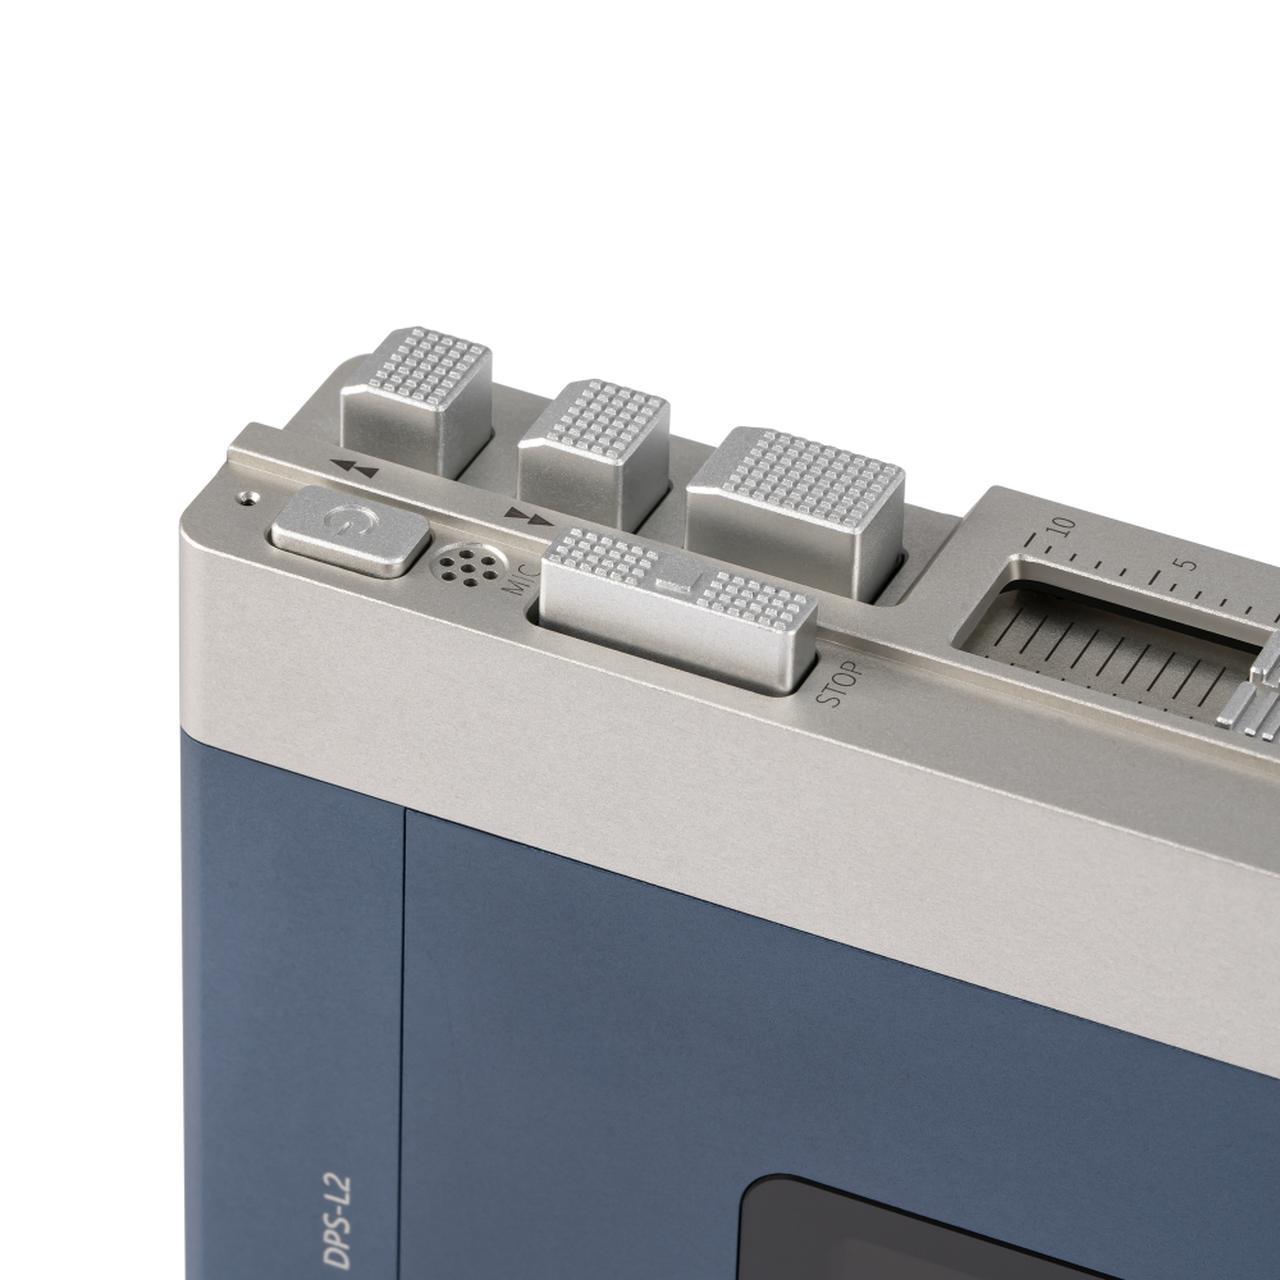 画像2: Oriolus、懐かしデザインを纏った最新仕様のデジタルオーディオプレーヤー「DPS-L2」を世界限定999台発売